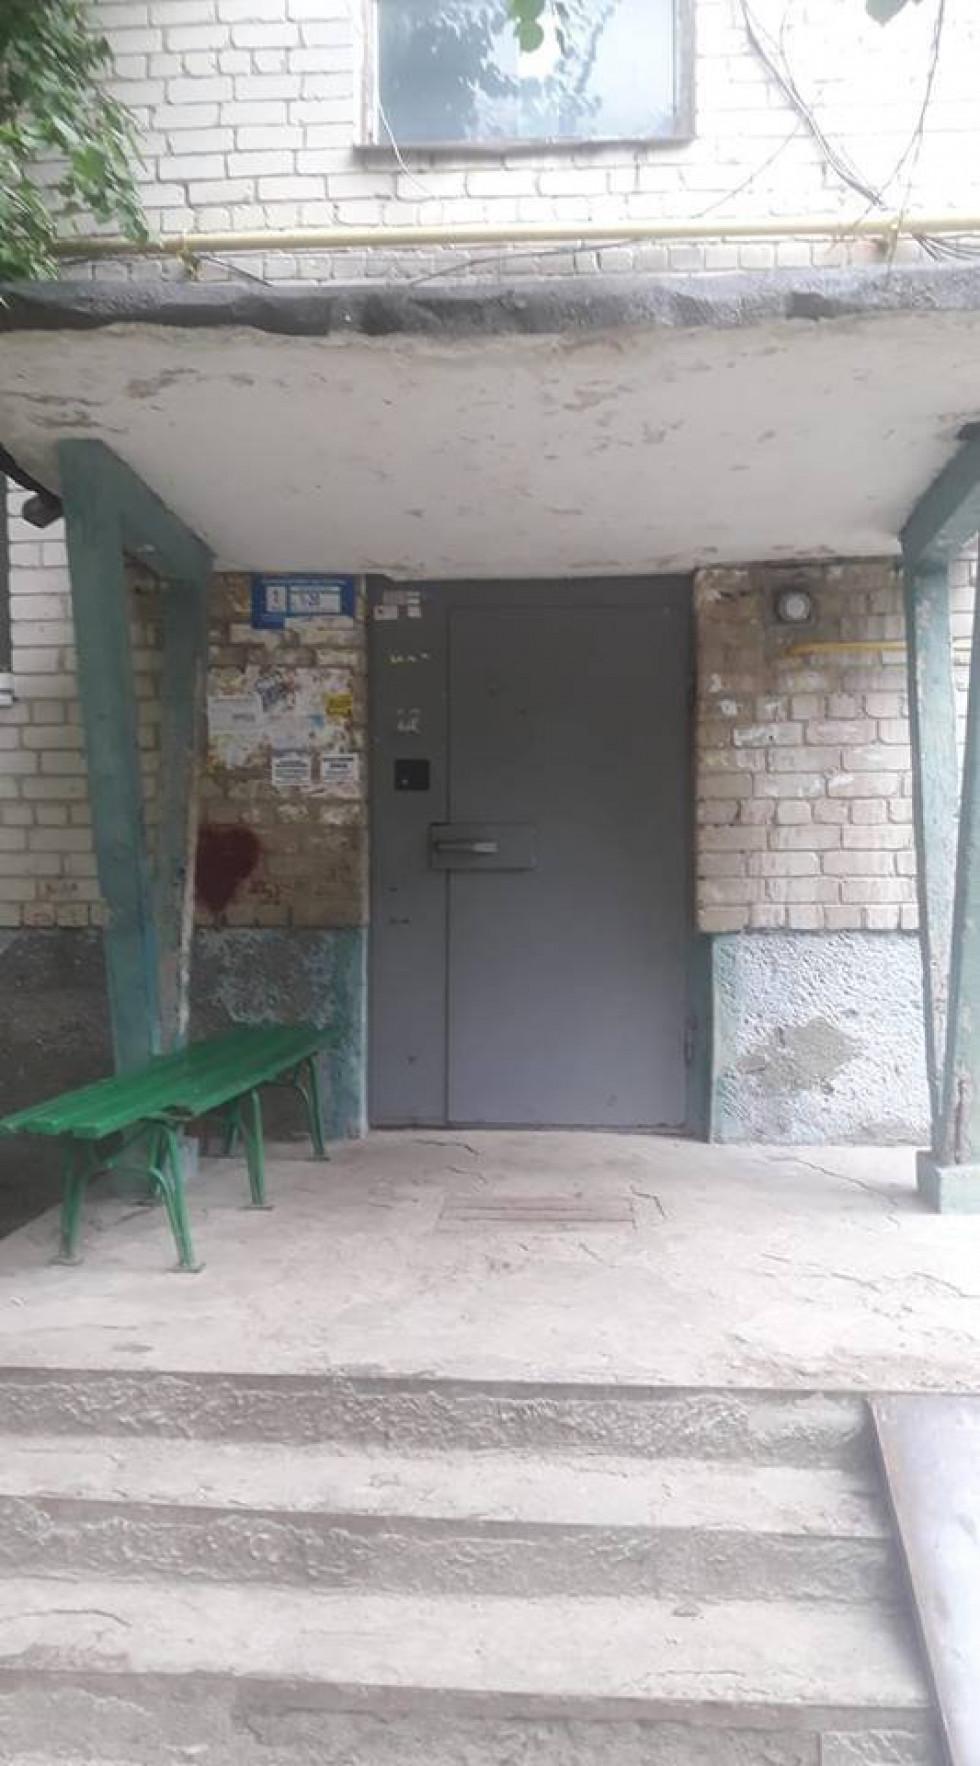 Нетверезий мешканець багатоповерхівки на вулиці Захарова збрехав патрульним